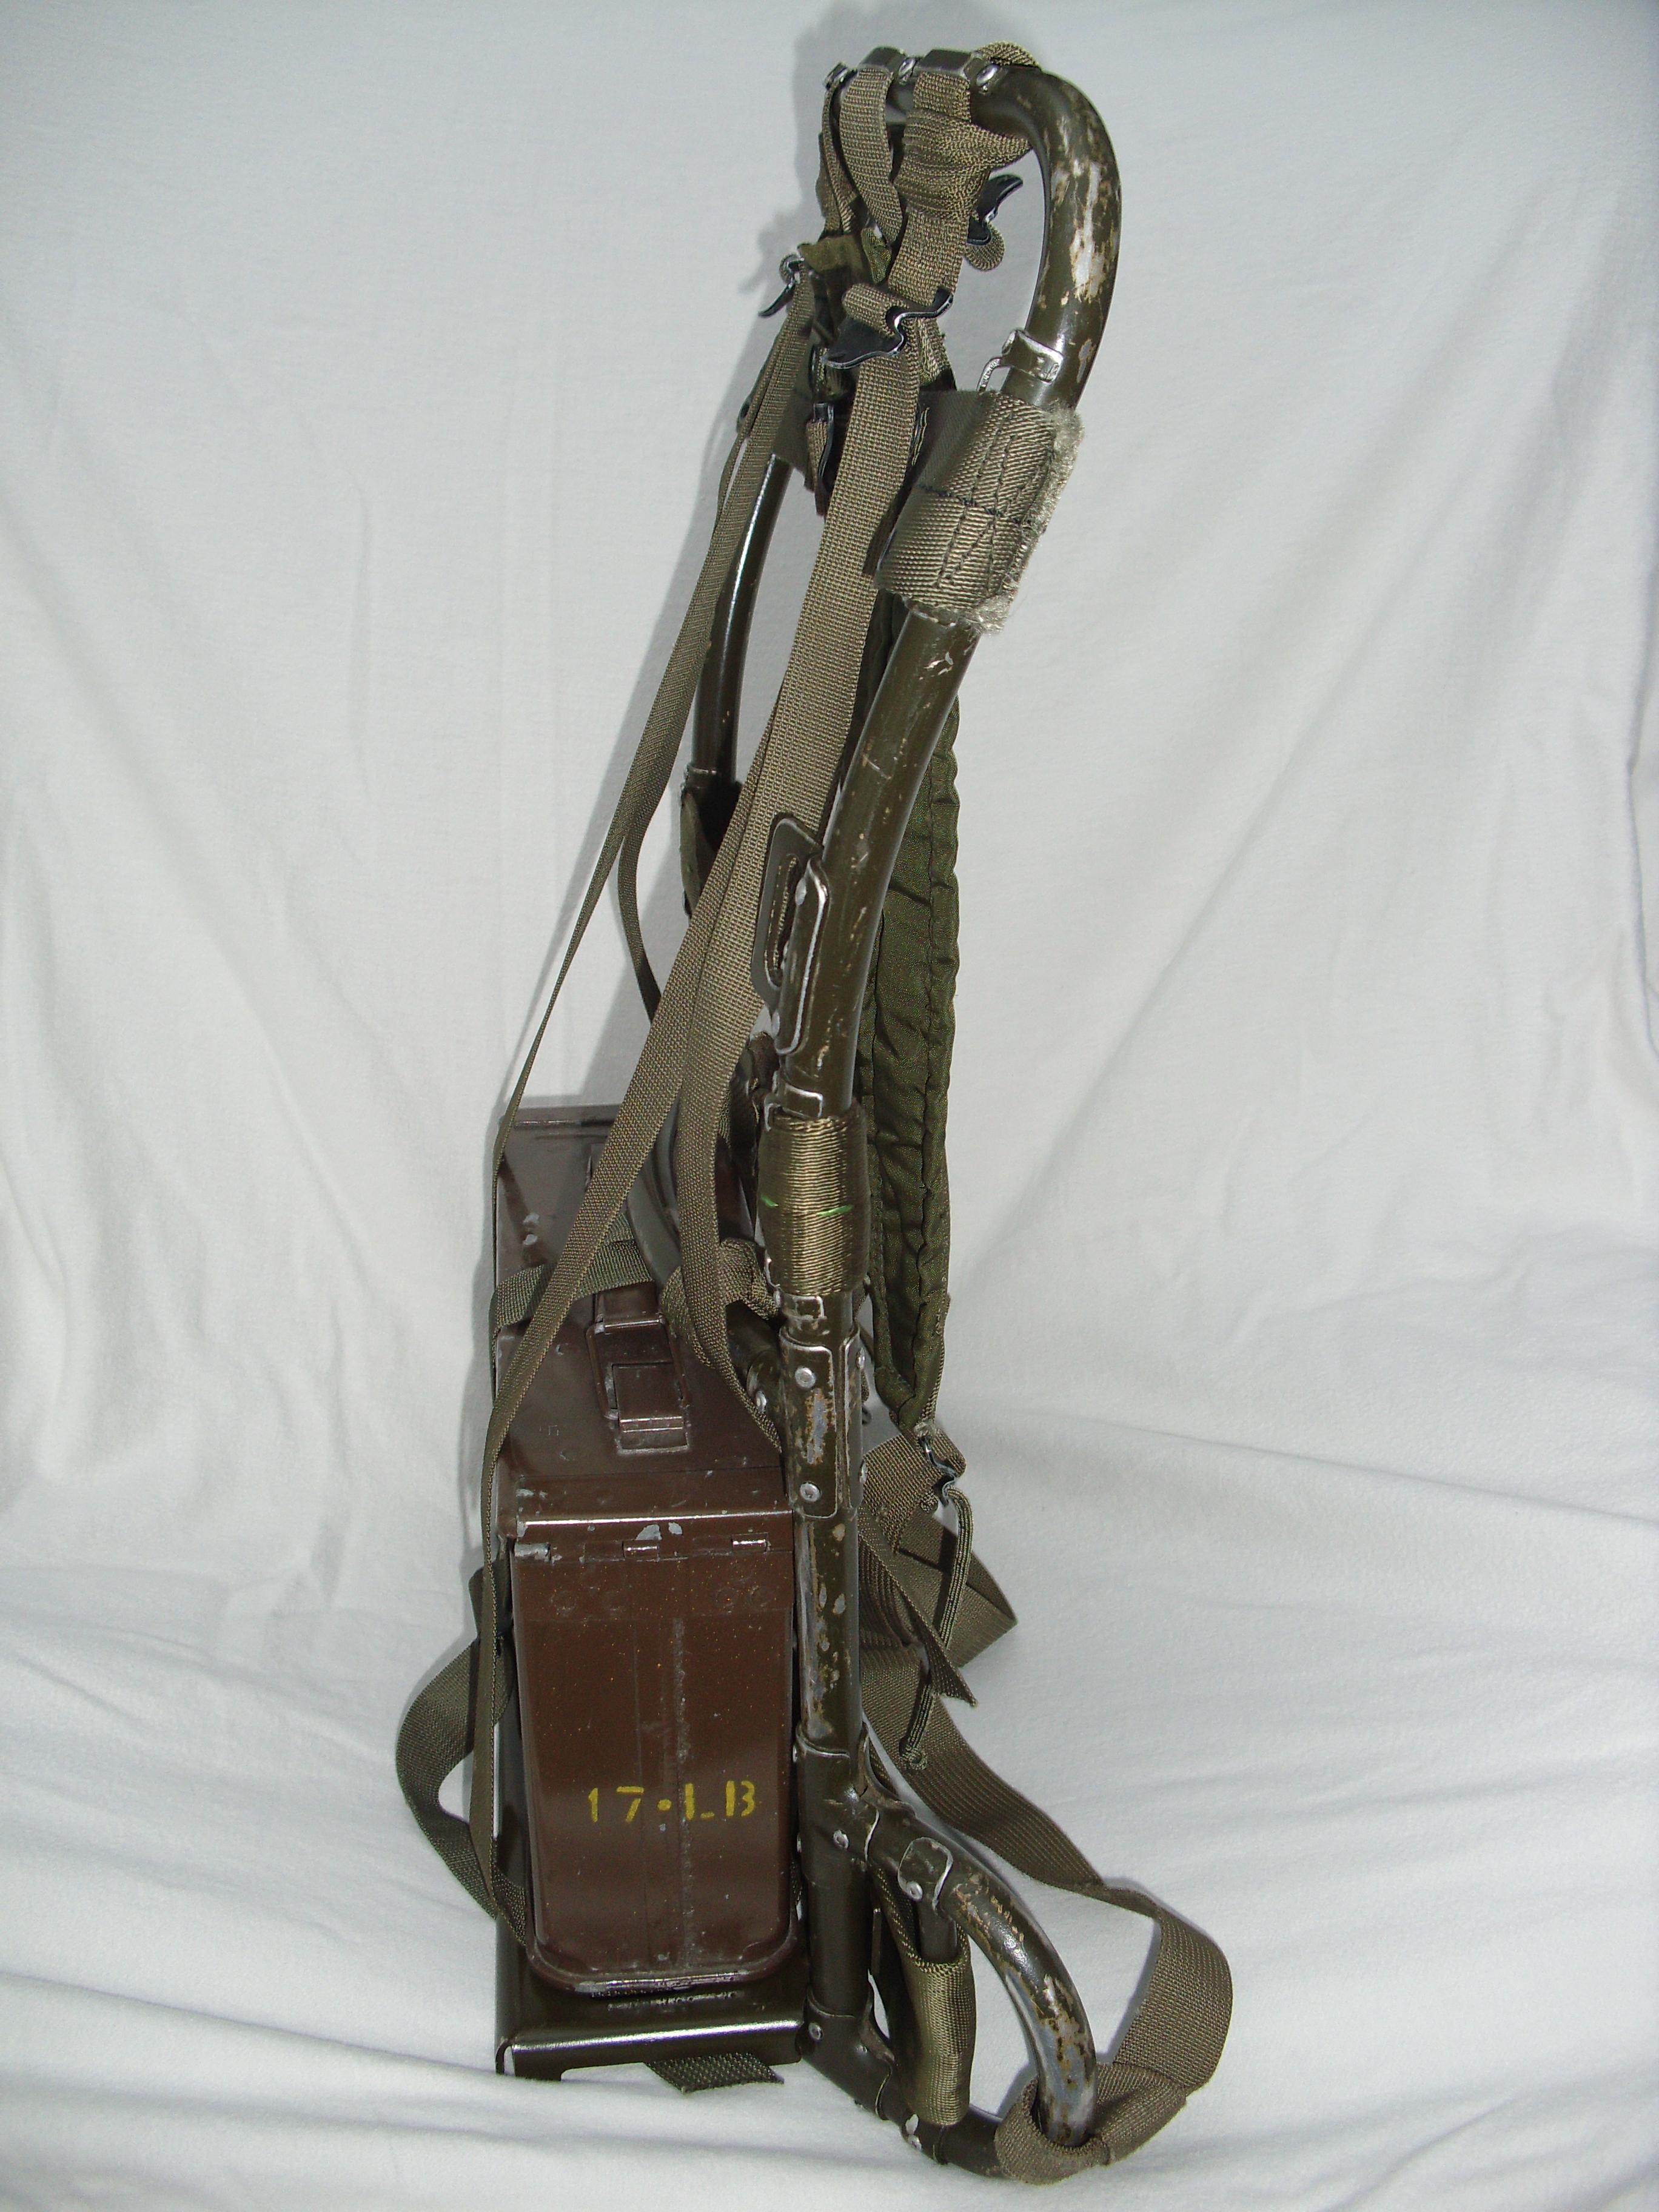 File:Lightweight Rucksack Frame 4.JPG - Wikimedia Commons